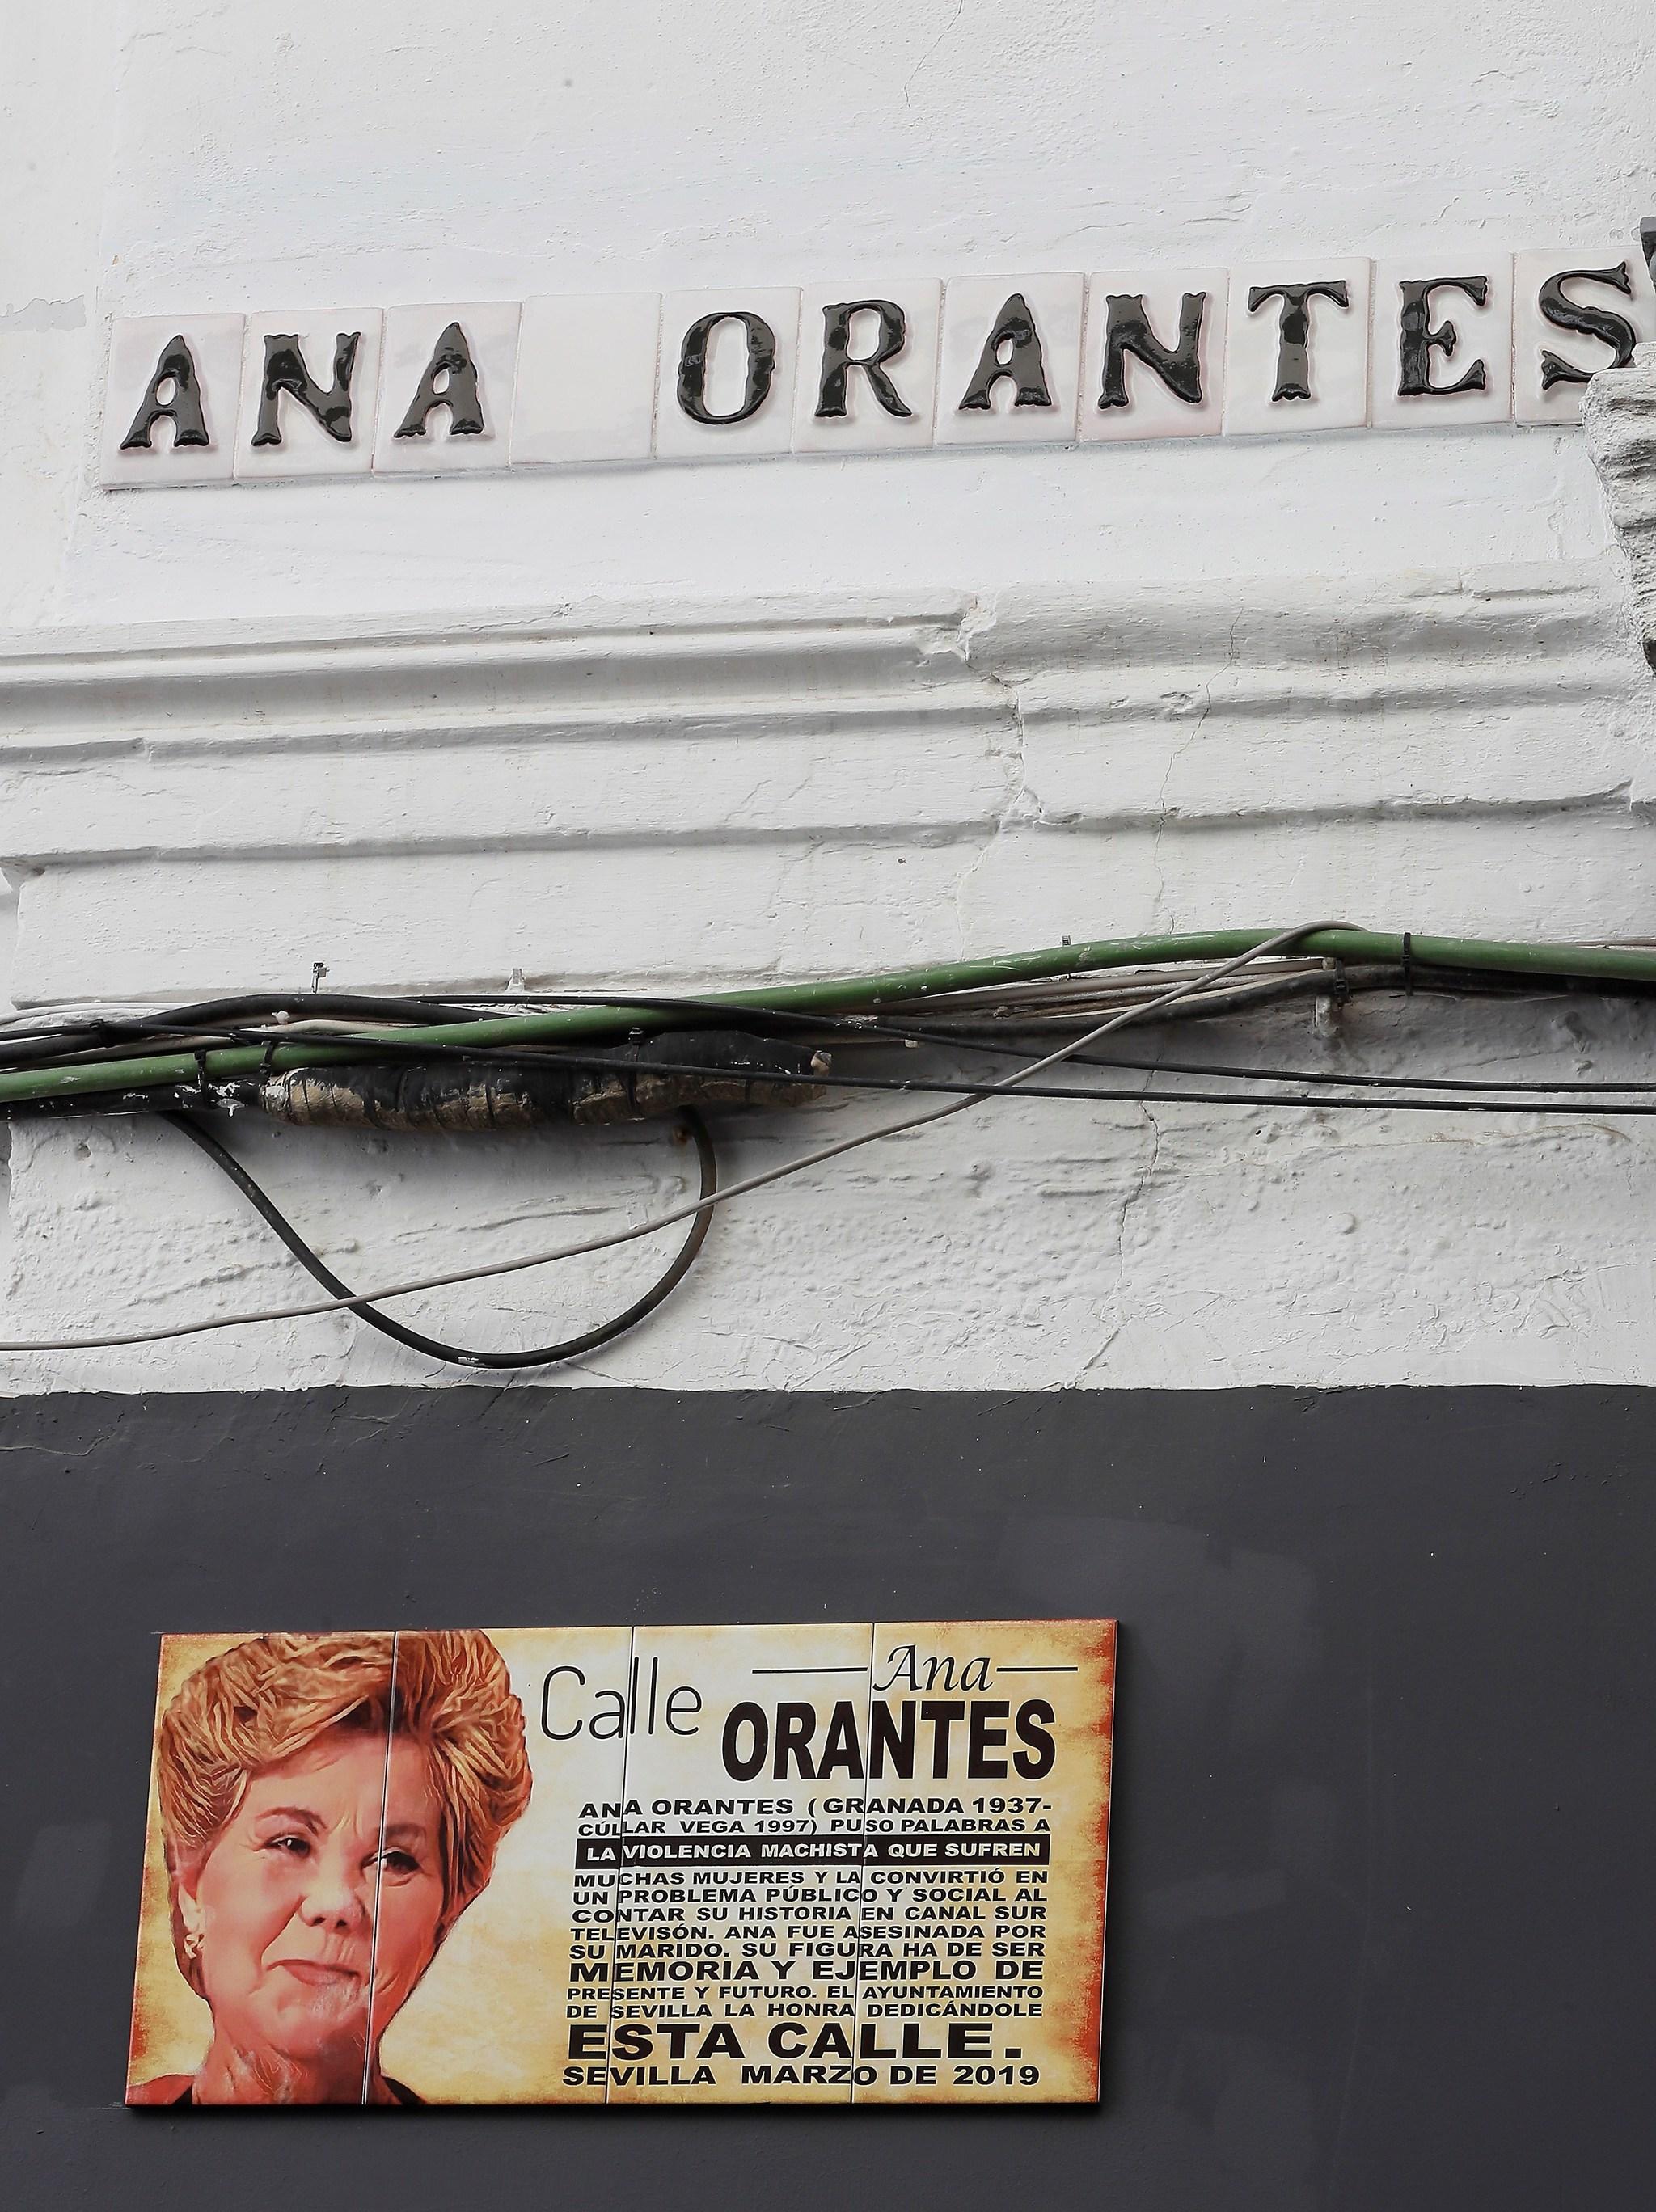 Rótulo en la calle dedicada a Ana Orantes en Sevilla.